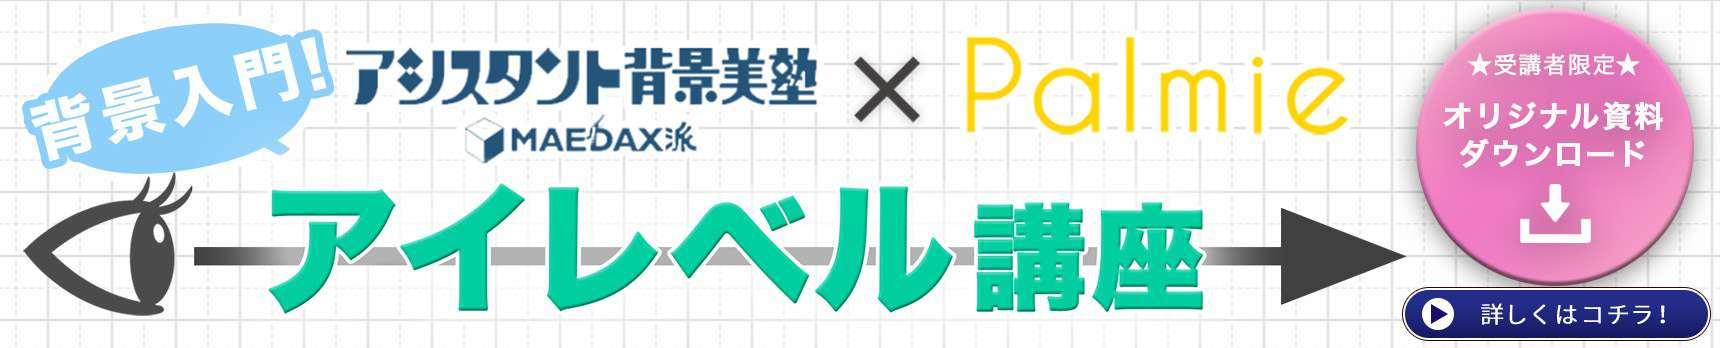 Haikei banner pc